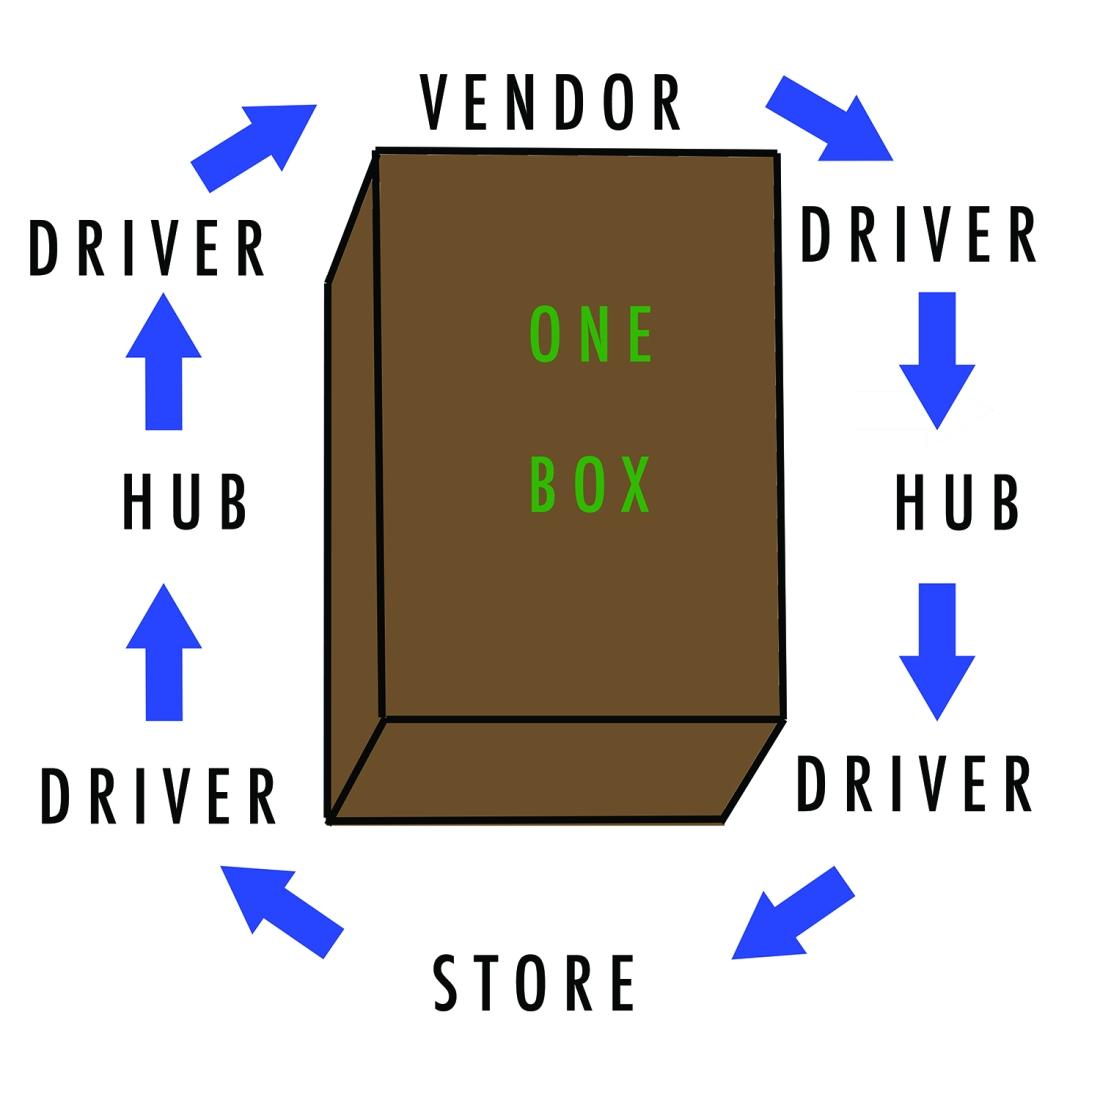 OneBox